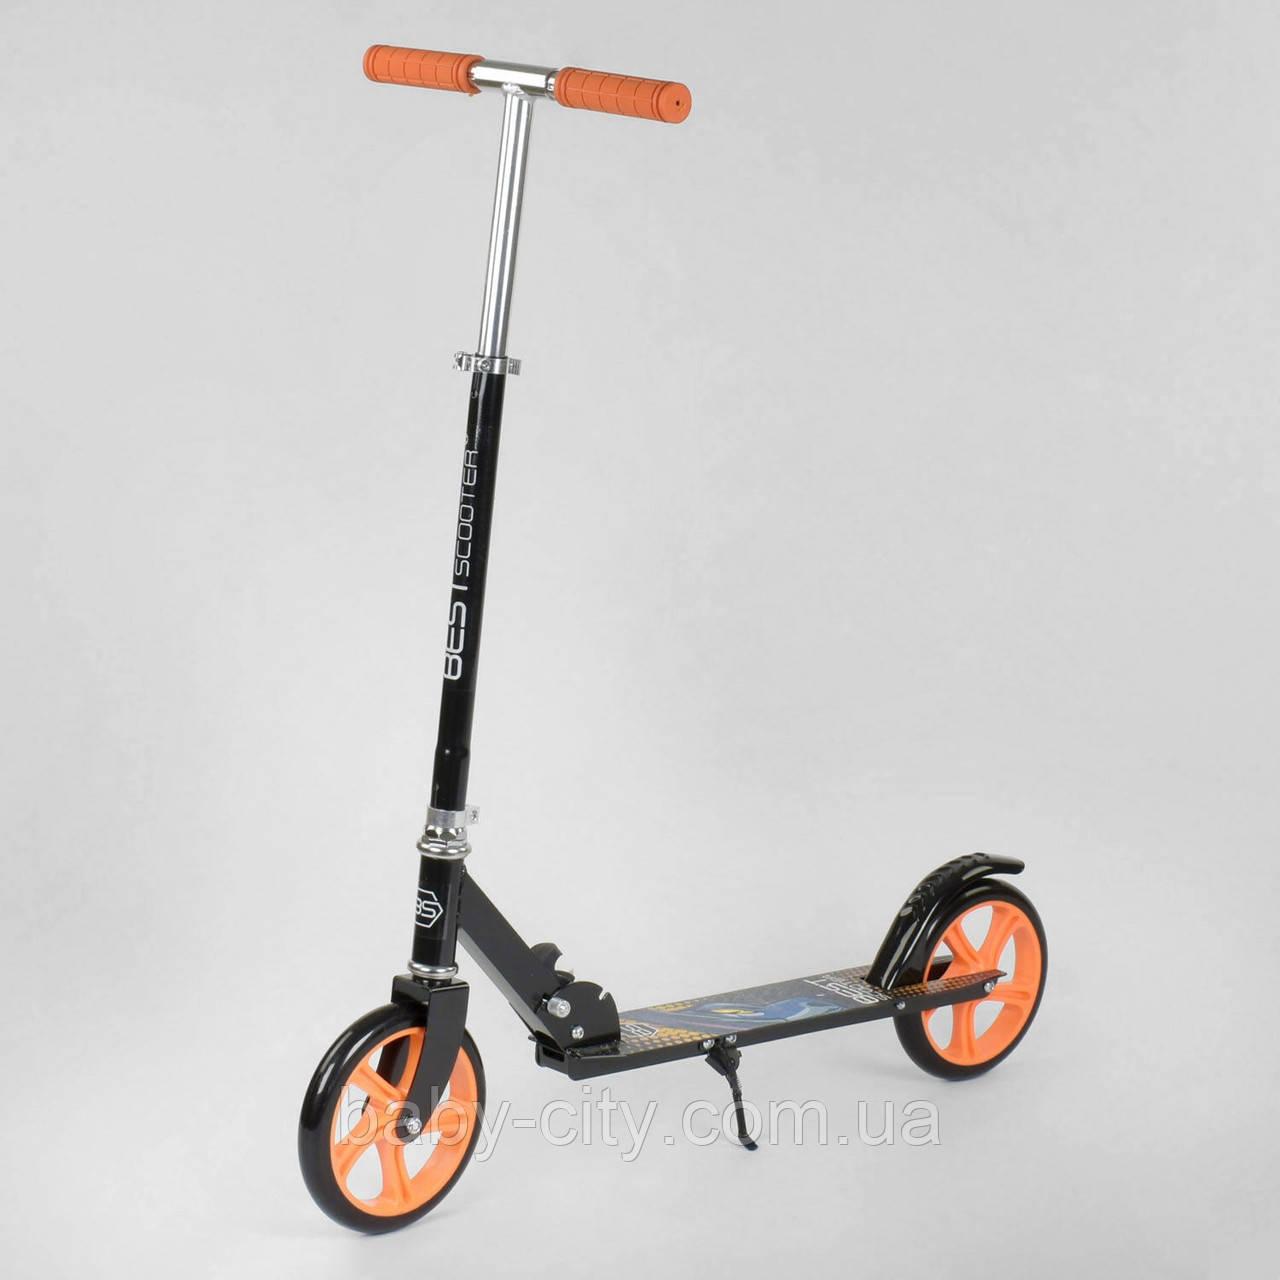 Самокат Best Scooter с большими колесами.